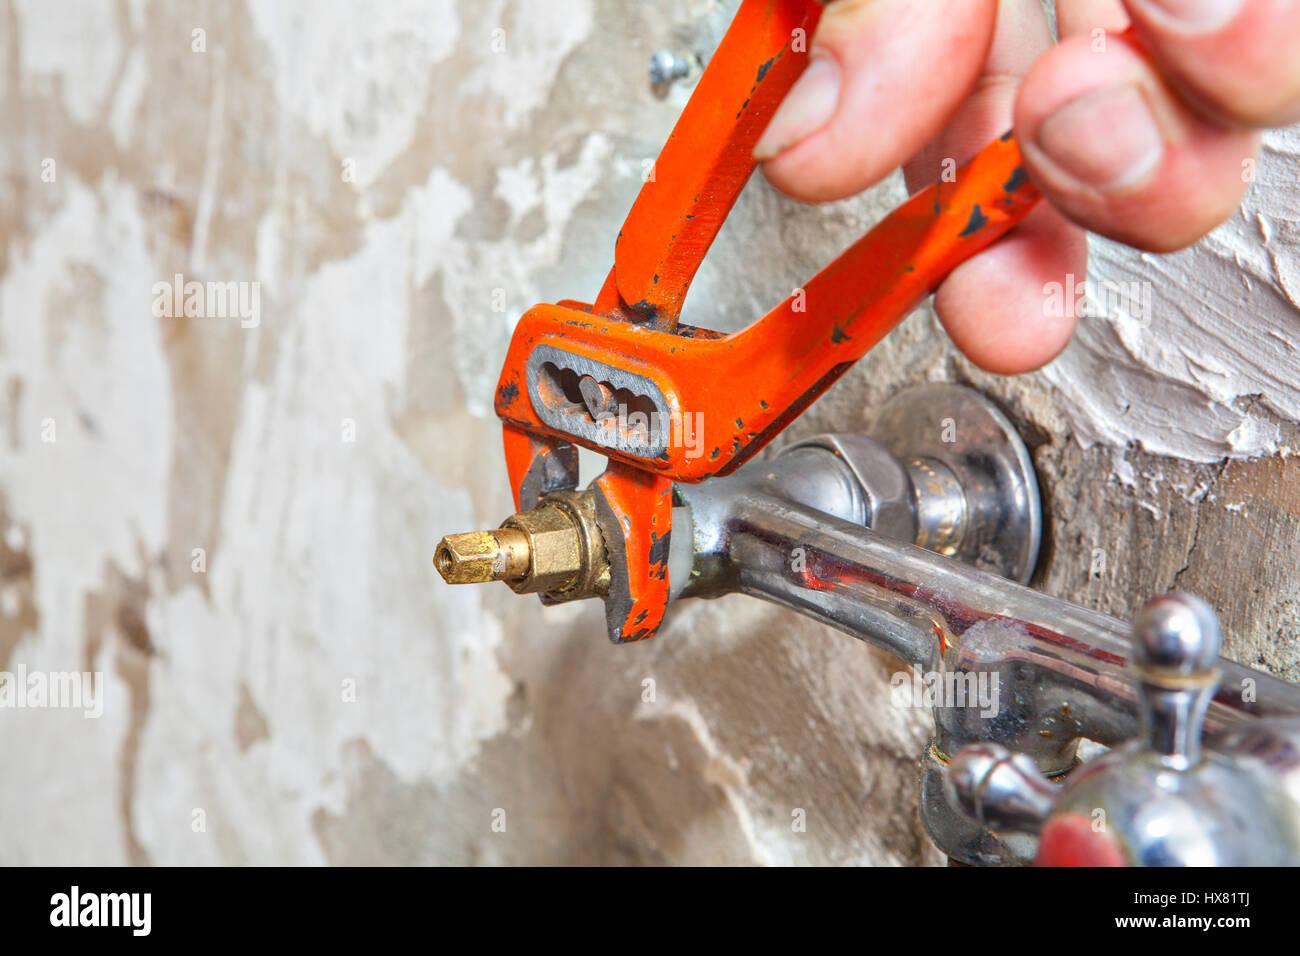 Klempner Wasserhahn Mit Undicht Wasser Benutzer Rote Klempner Zange